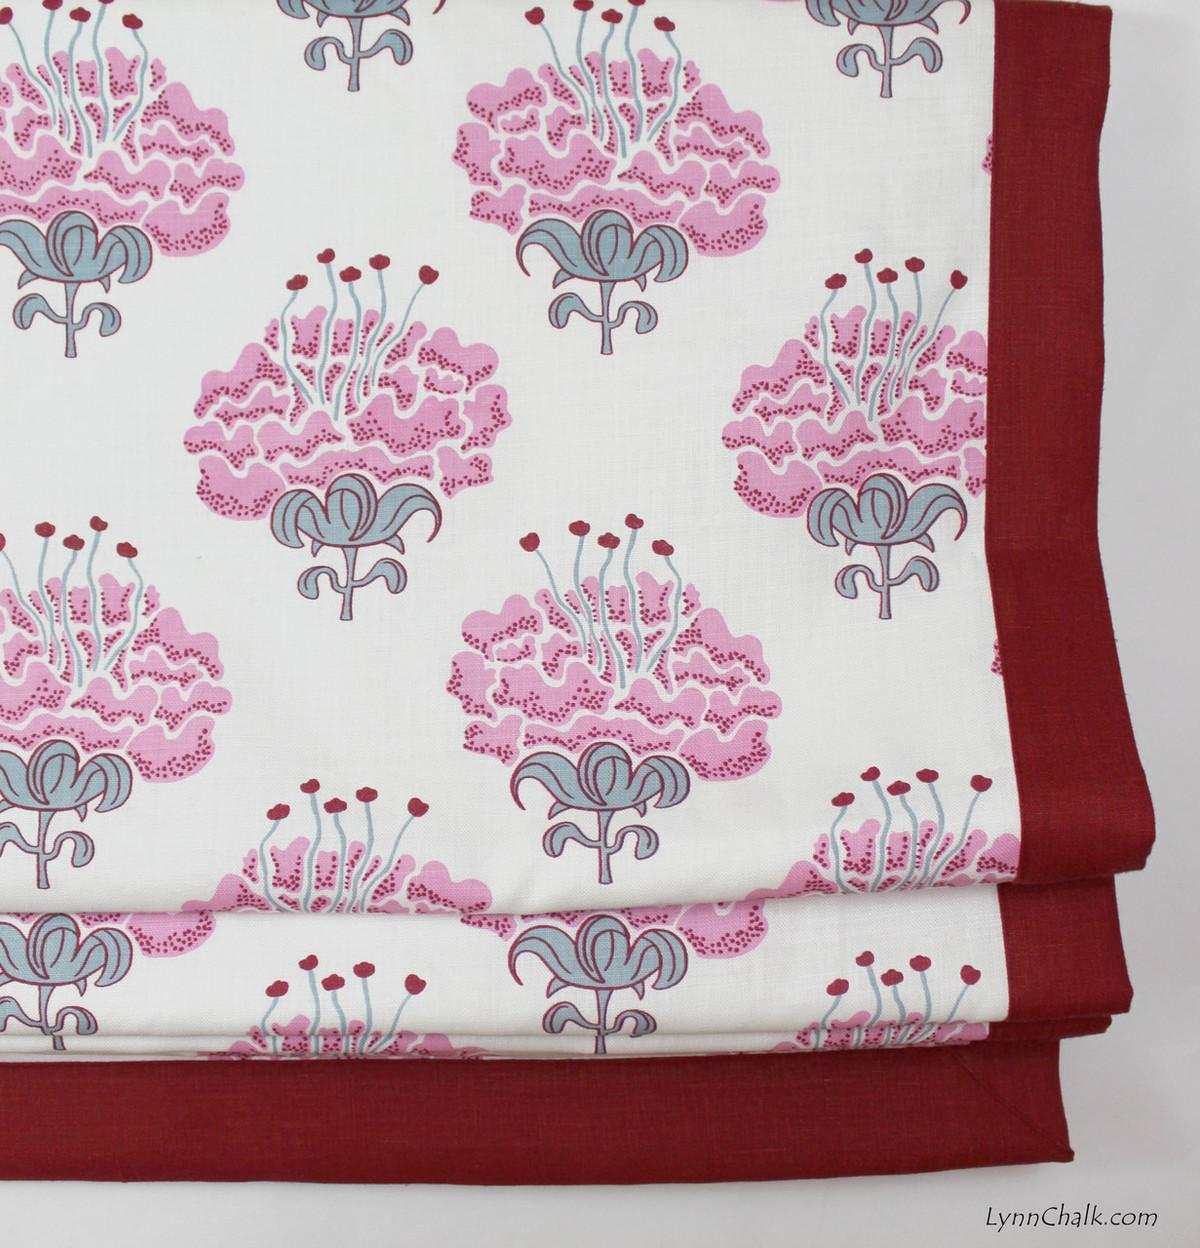 ... Wallpaper Raspberry · Katie Ridder Peony in Raspberry with Kravet Dublin Linen Lipstick Red Border ...